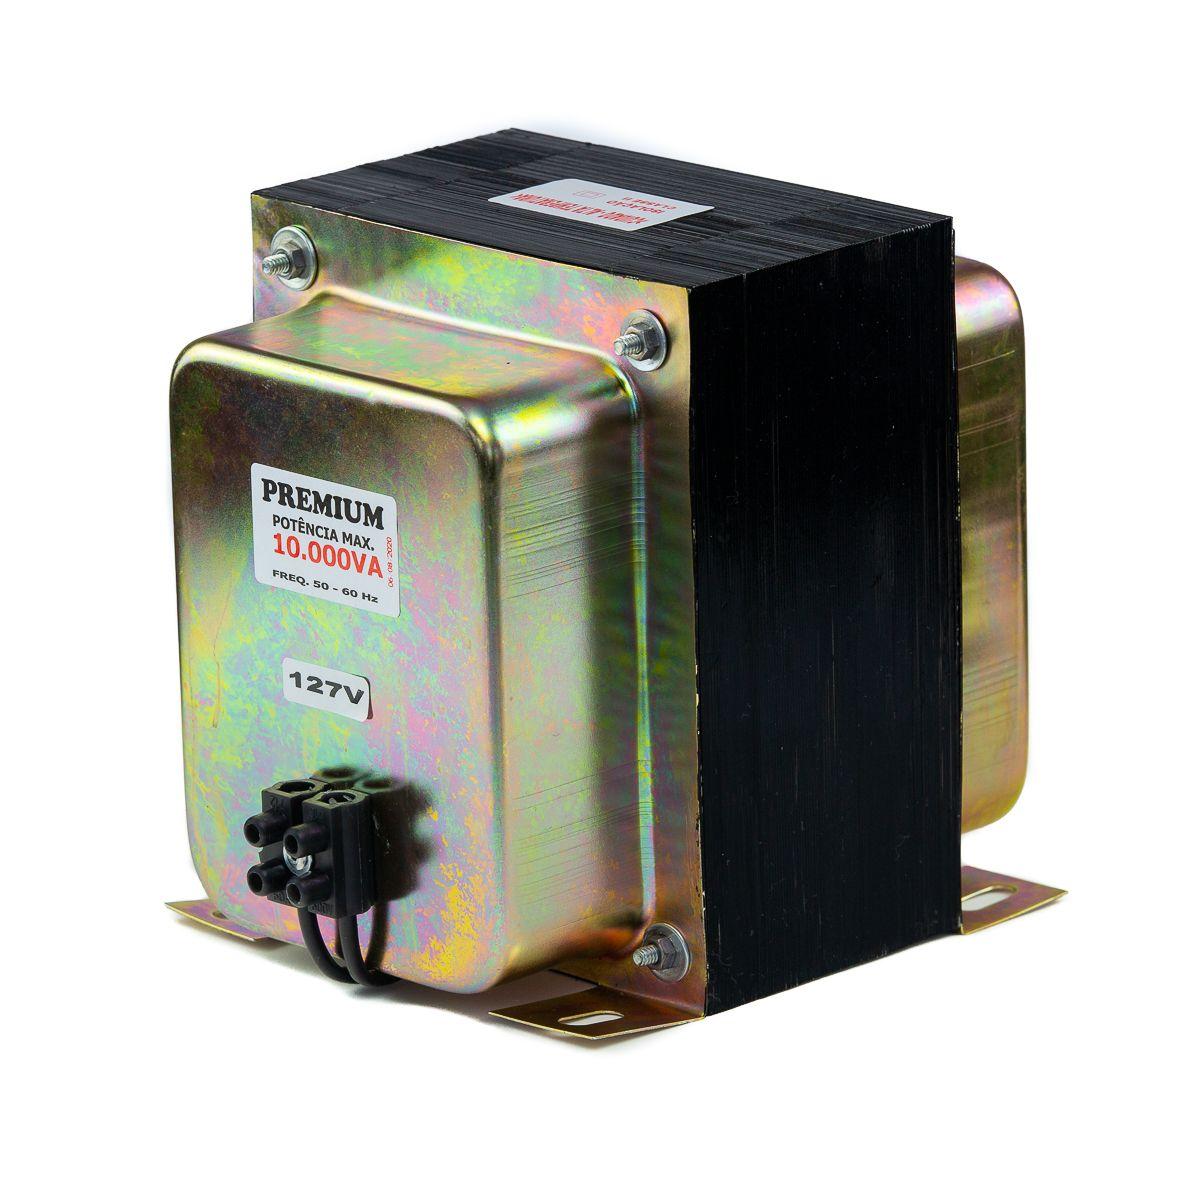 Transformador Fiolux Premium 10000VA Bivolt 110/220 e 220/110 Ref: 10000 VA